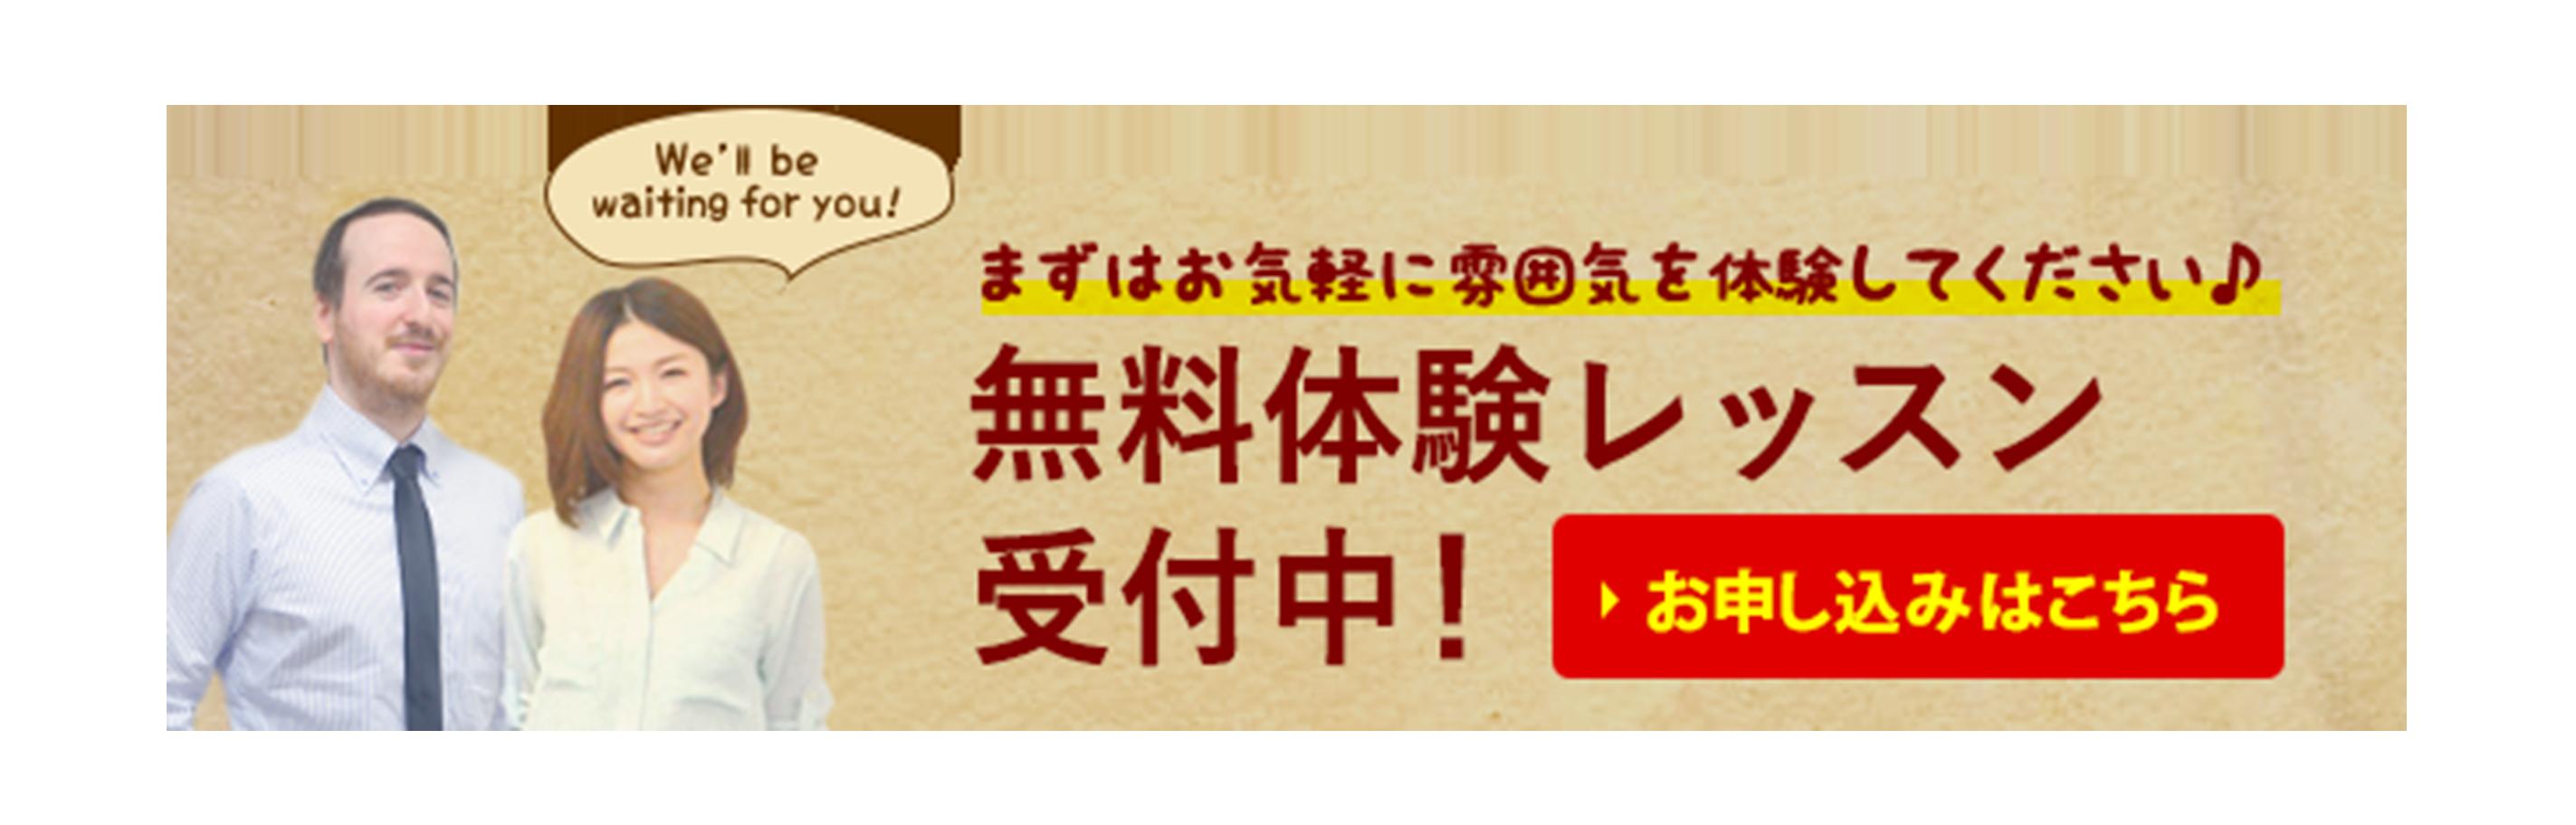 まずは気軽に体験してみてください♪無料体験レッスン実施中!名古屋の英会話教室「えいごシャワー」